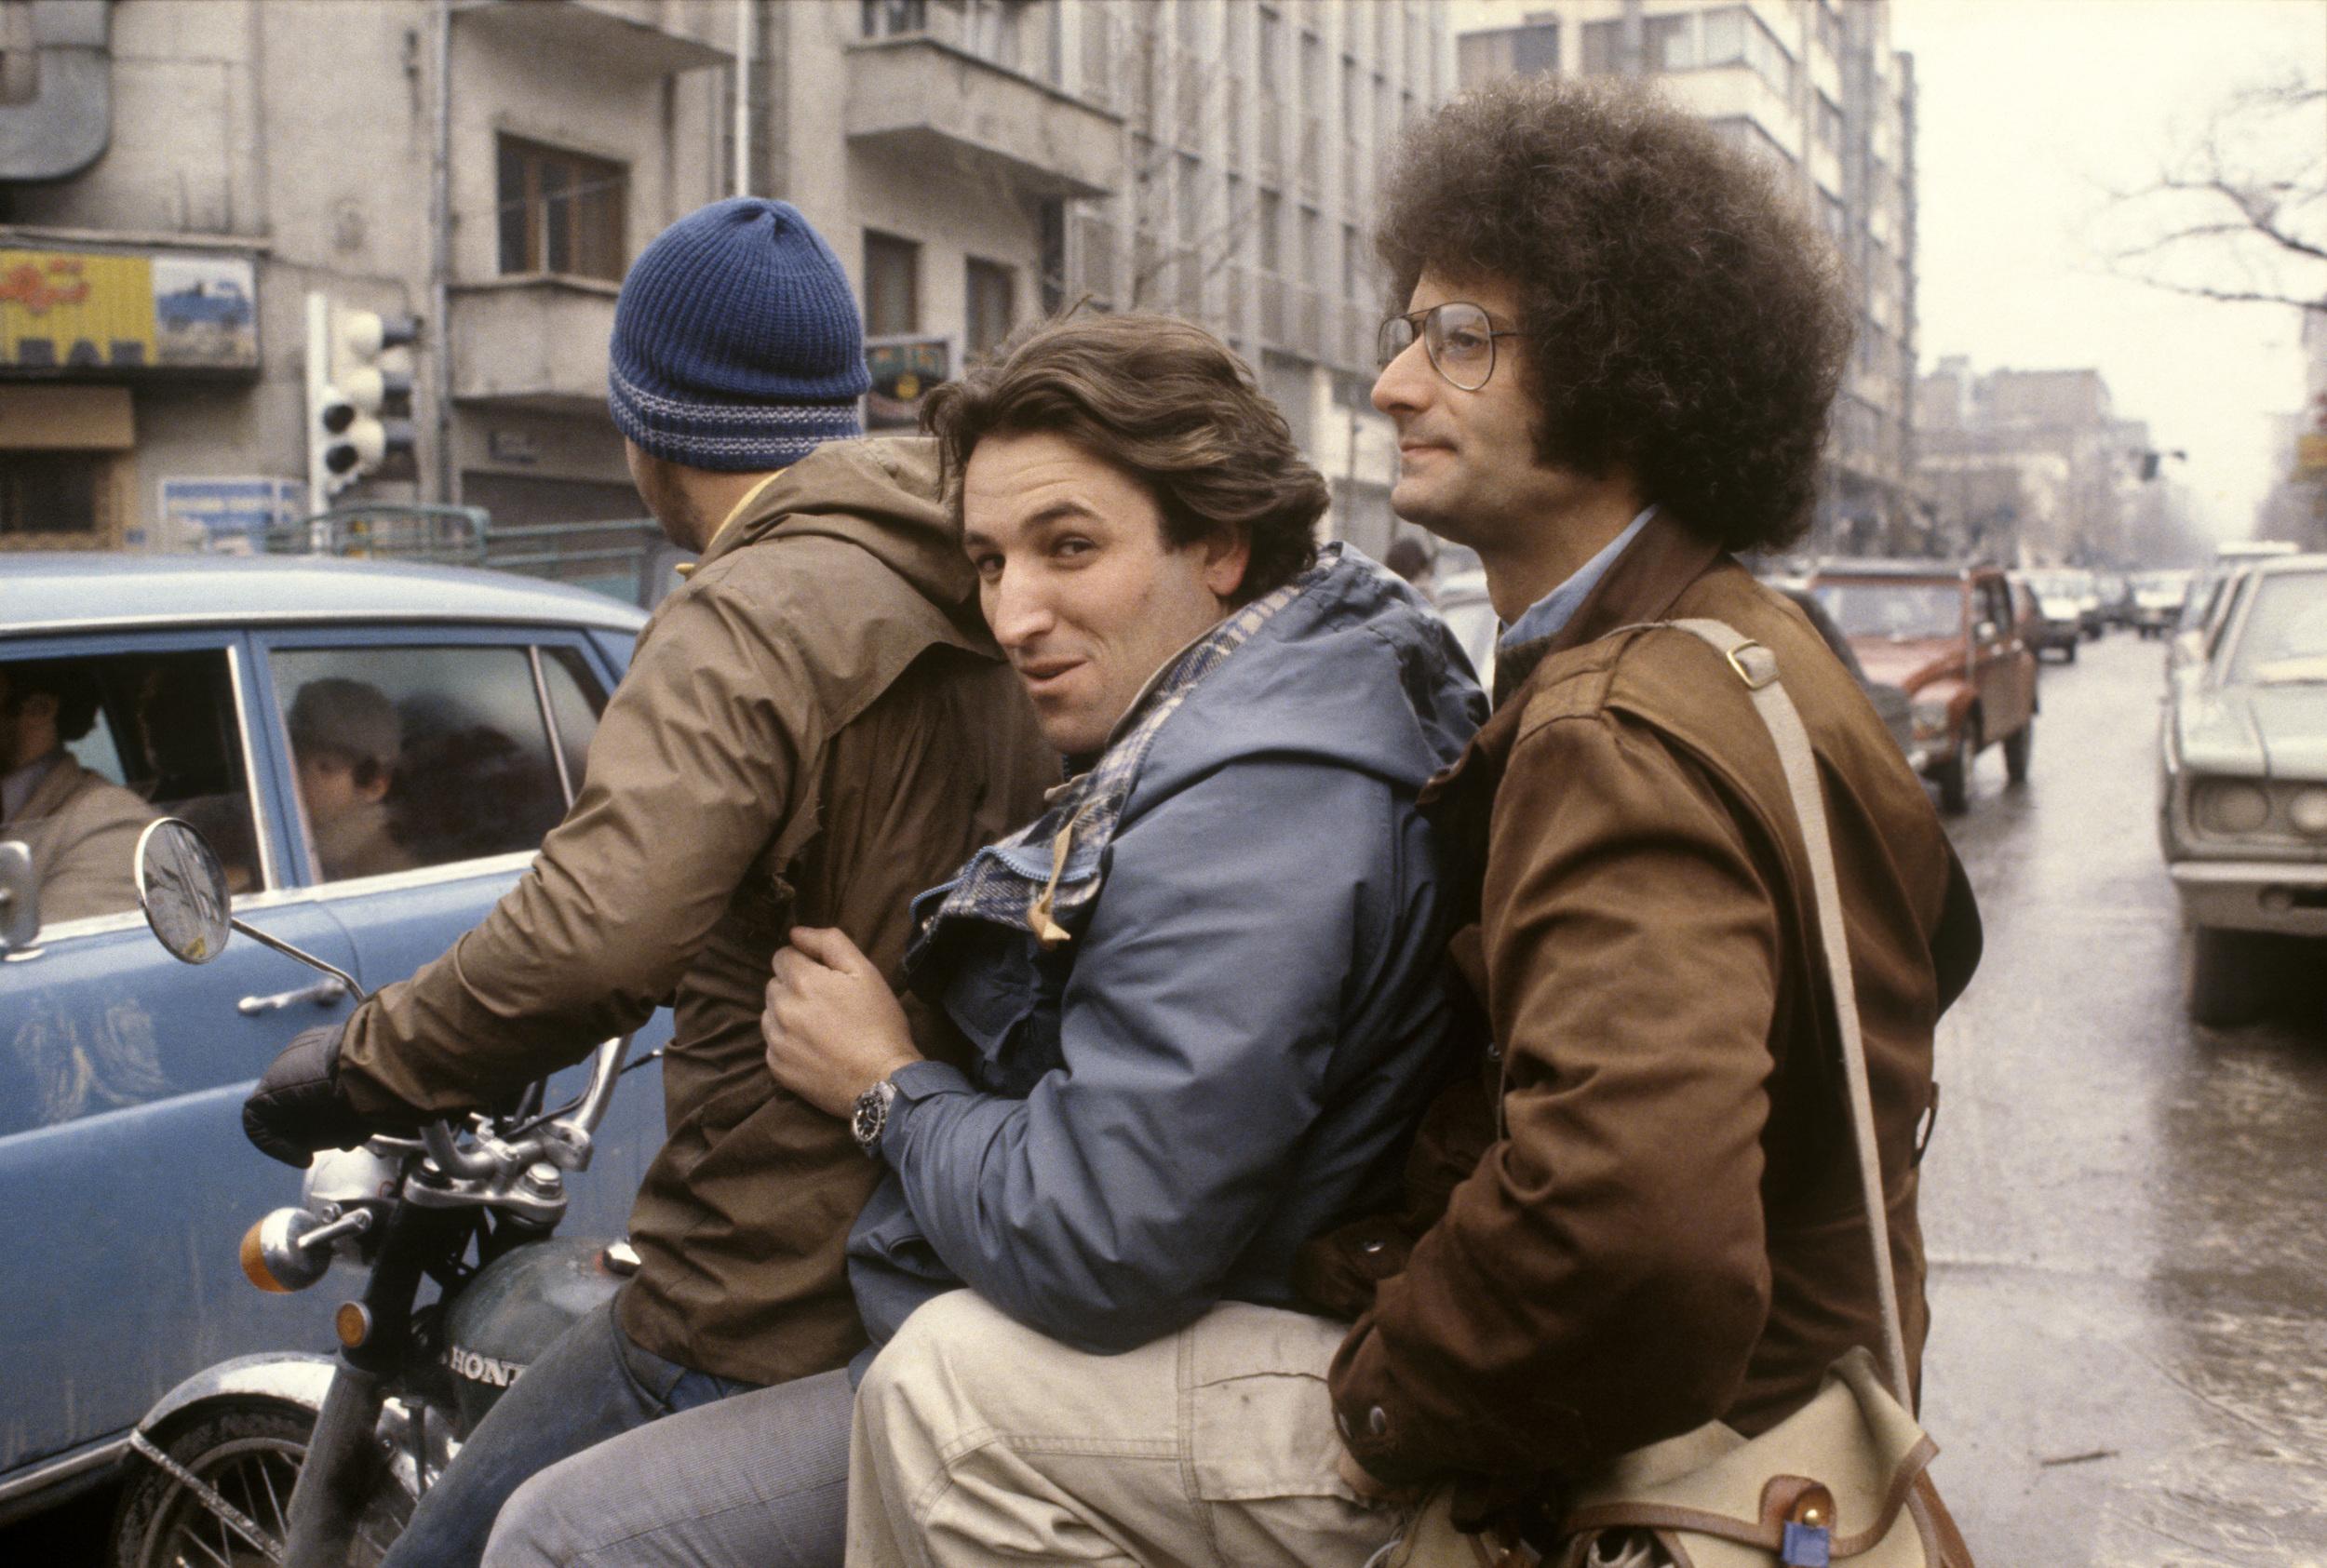 Olivier Rebbot (center) and David Burnett on motor bike: Tehran February, 1979.© 2015 David Burnett/Contact Press Images